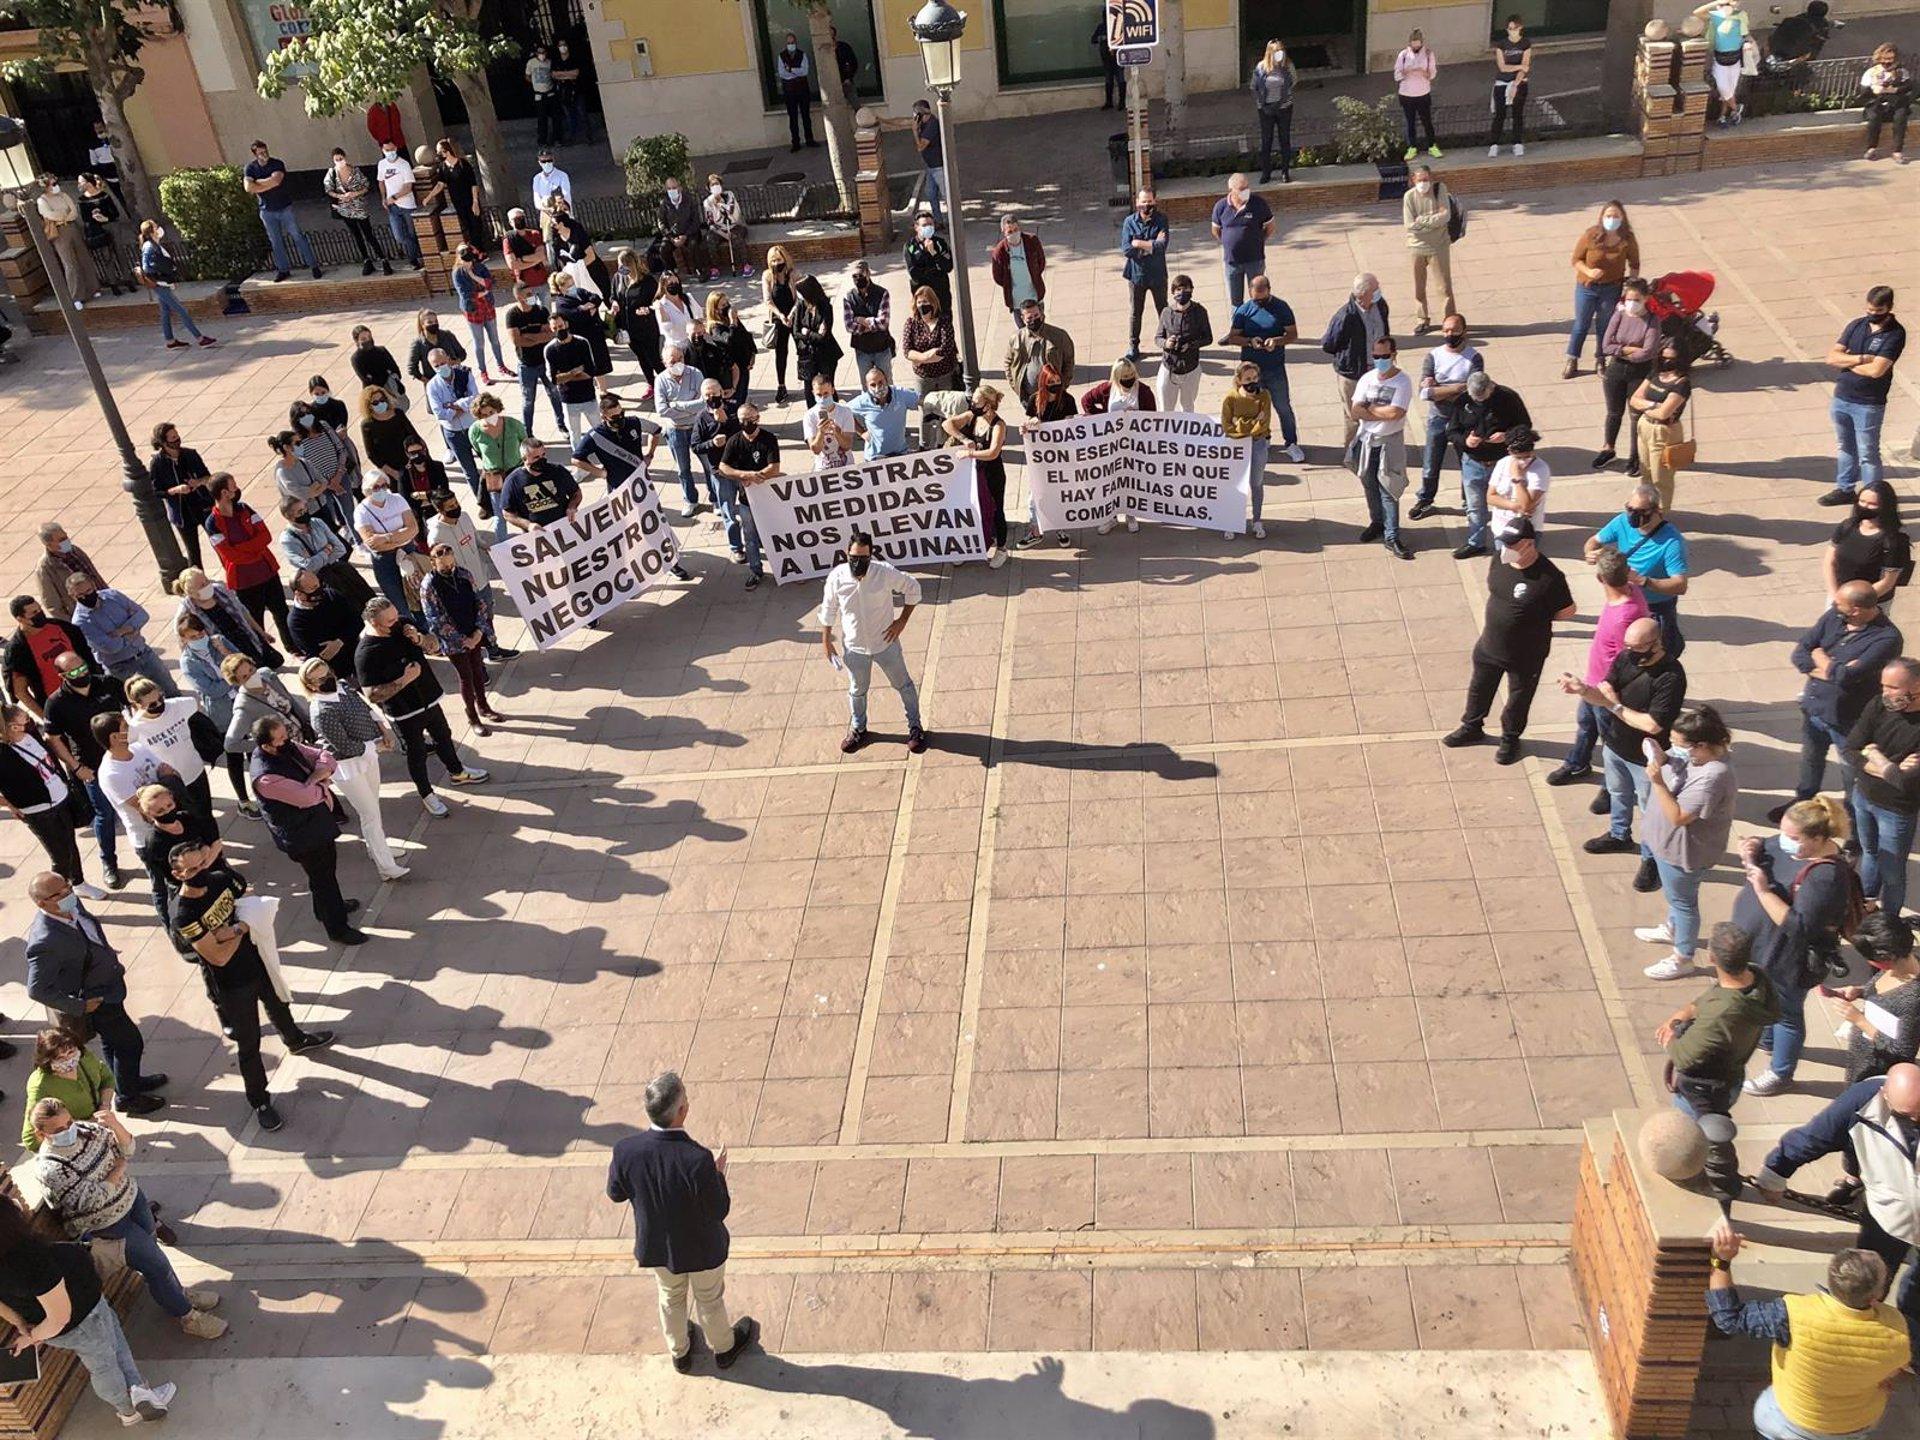 Autónomos de Motril protestan por el cierre de actividad no esencial